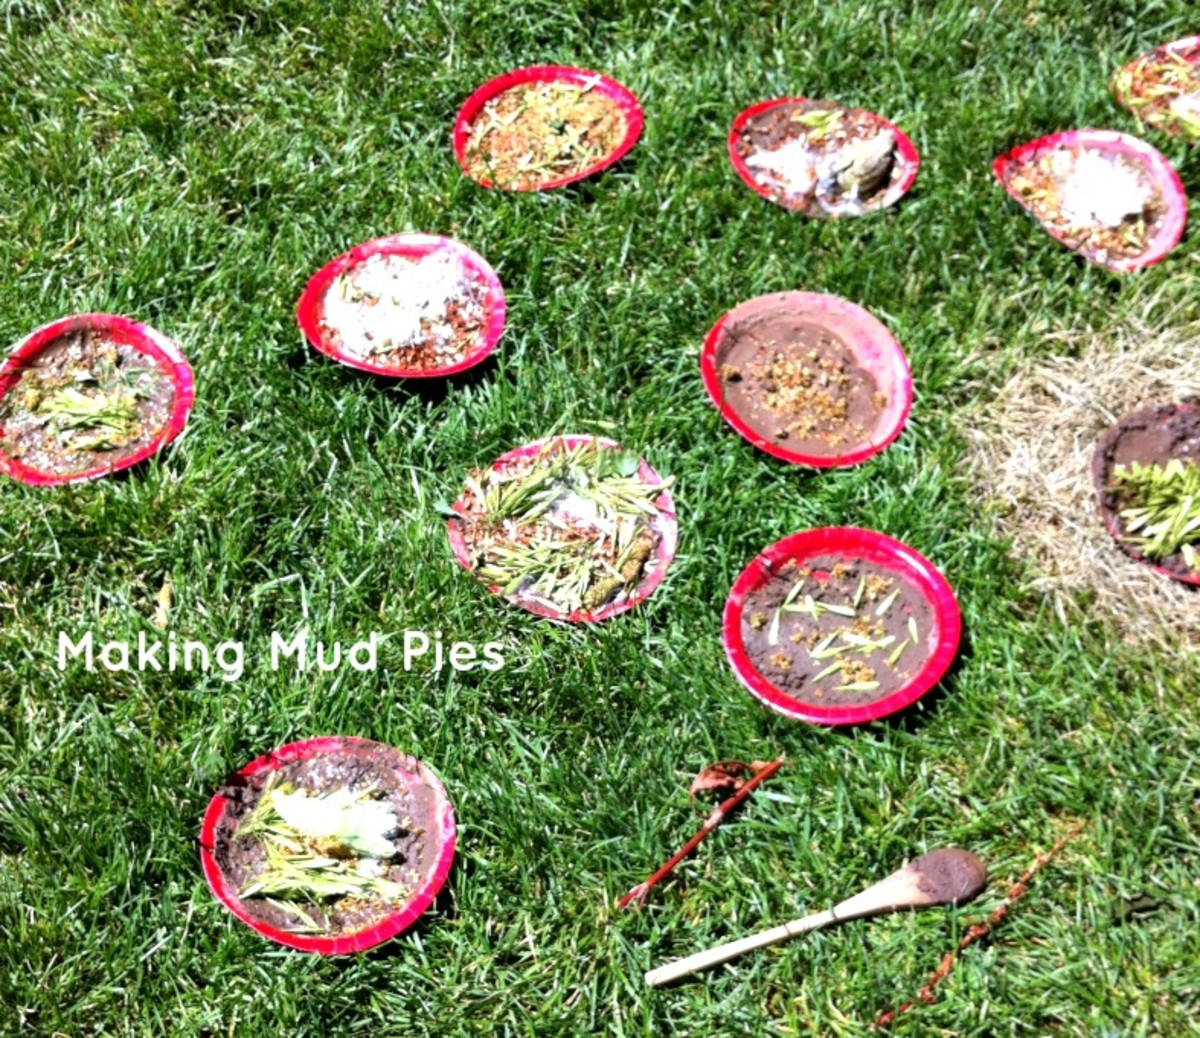 Making Mud Pies